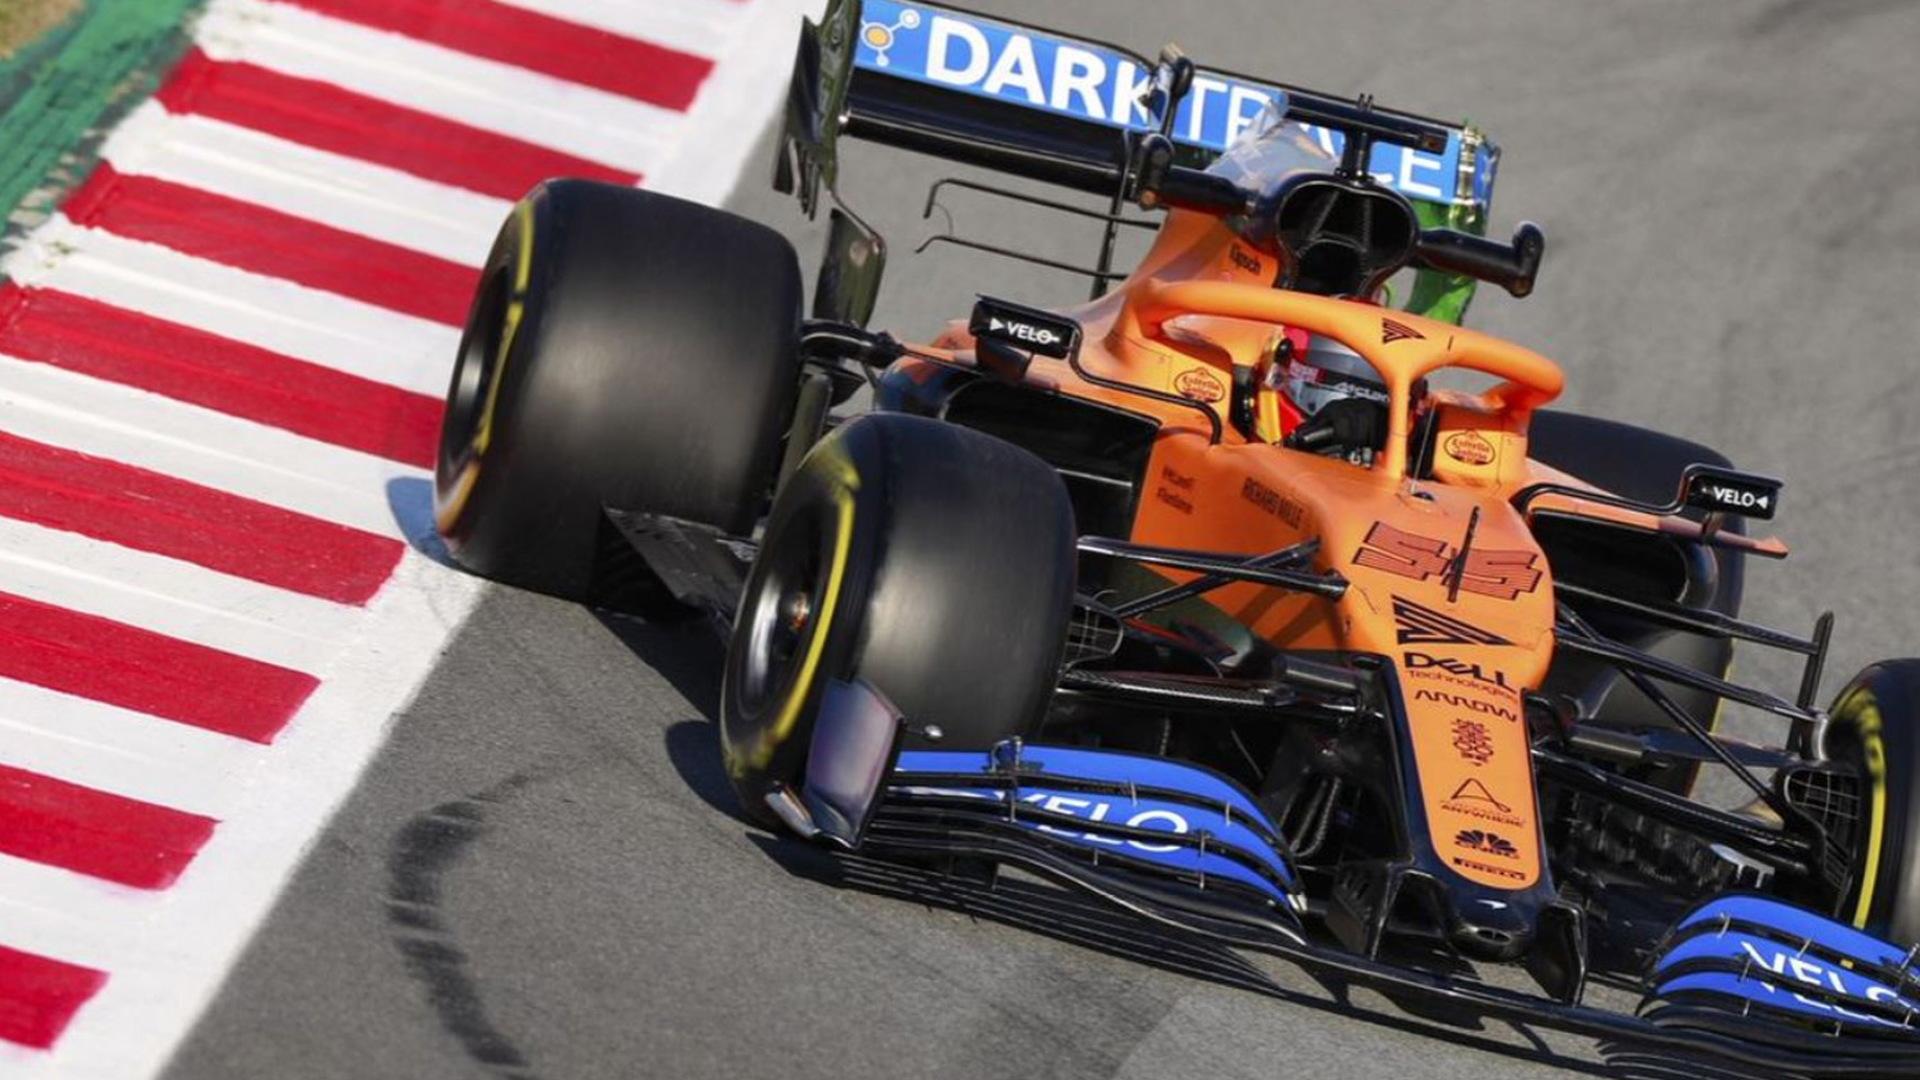 2020 McLaren MCL35 Formula One race car